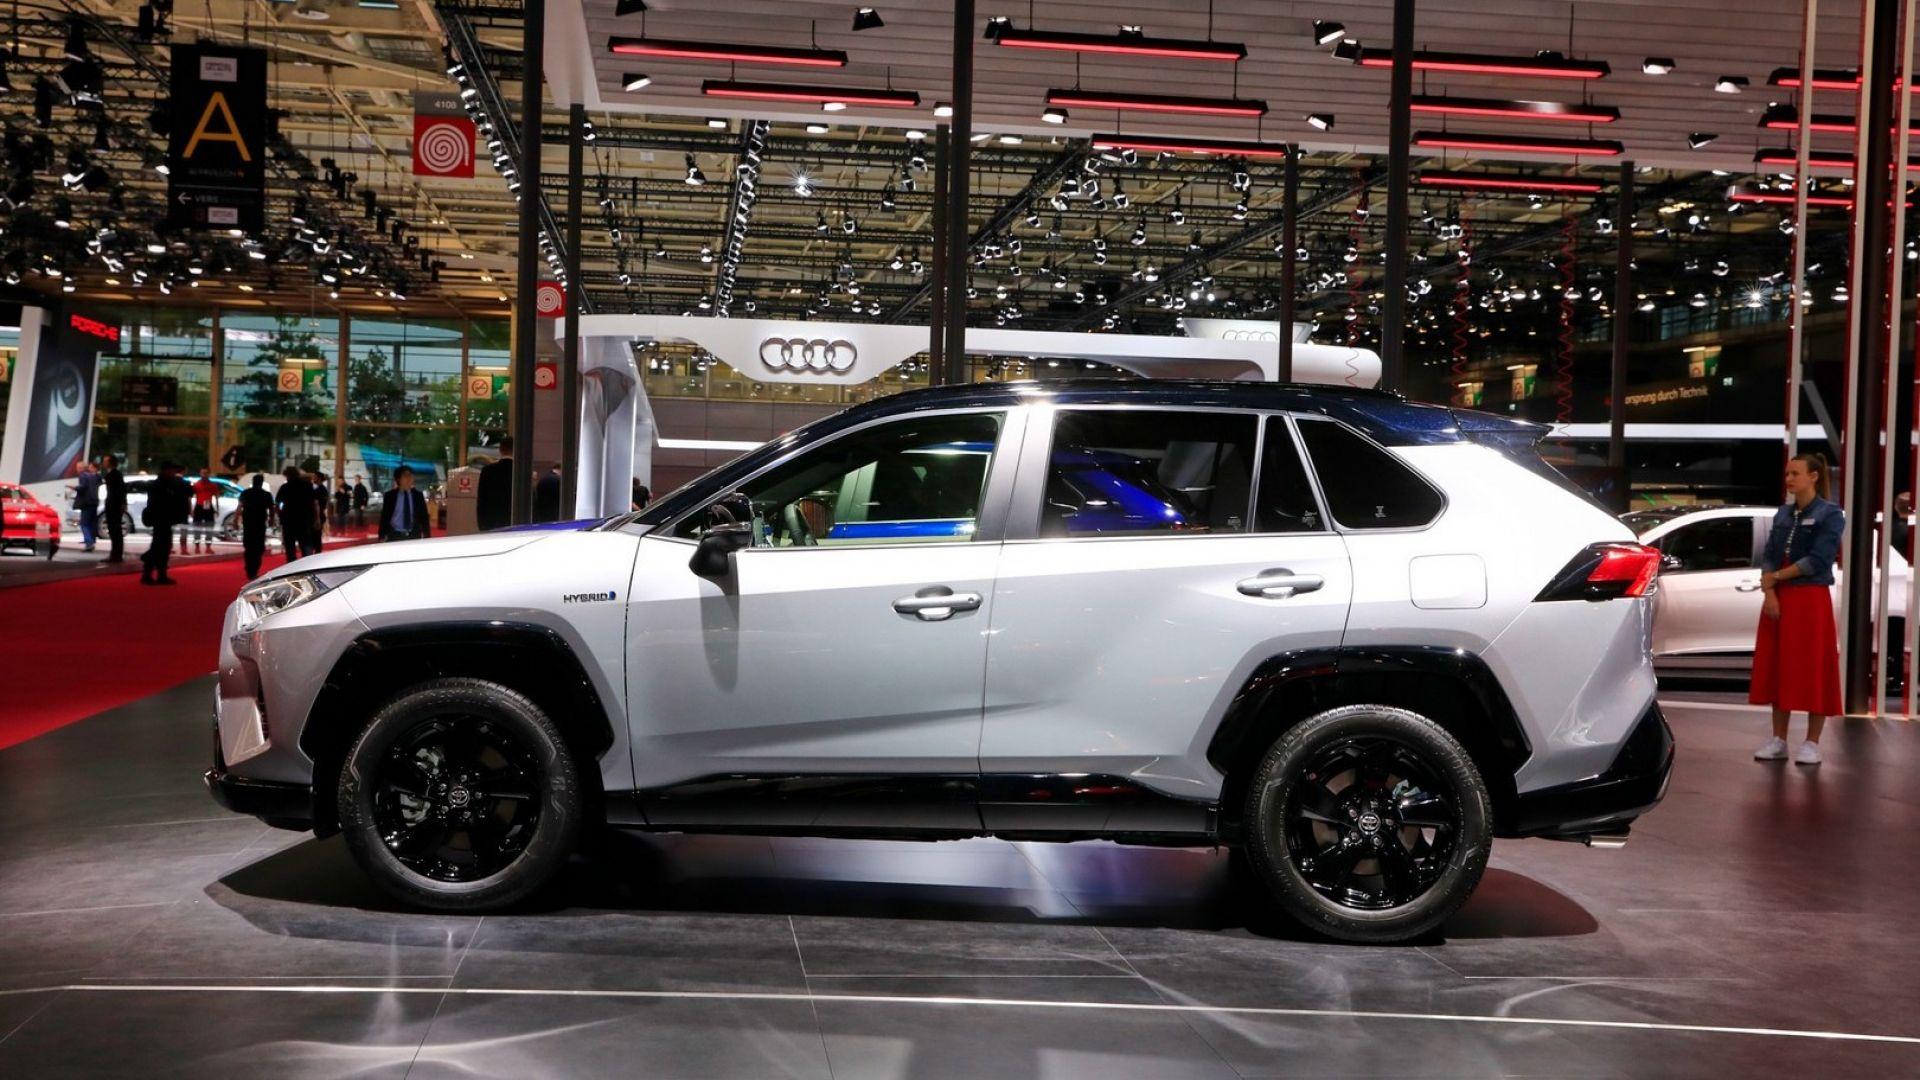 2018 Toyota Rav4 Hybrid >> Toyota Rav4 ibrida 2019: dimensioni, scheda tecnica, prezzo, video - MotorBox